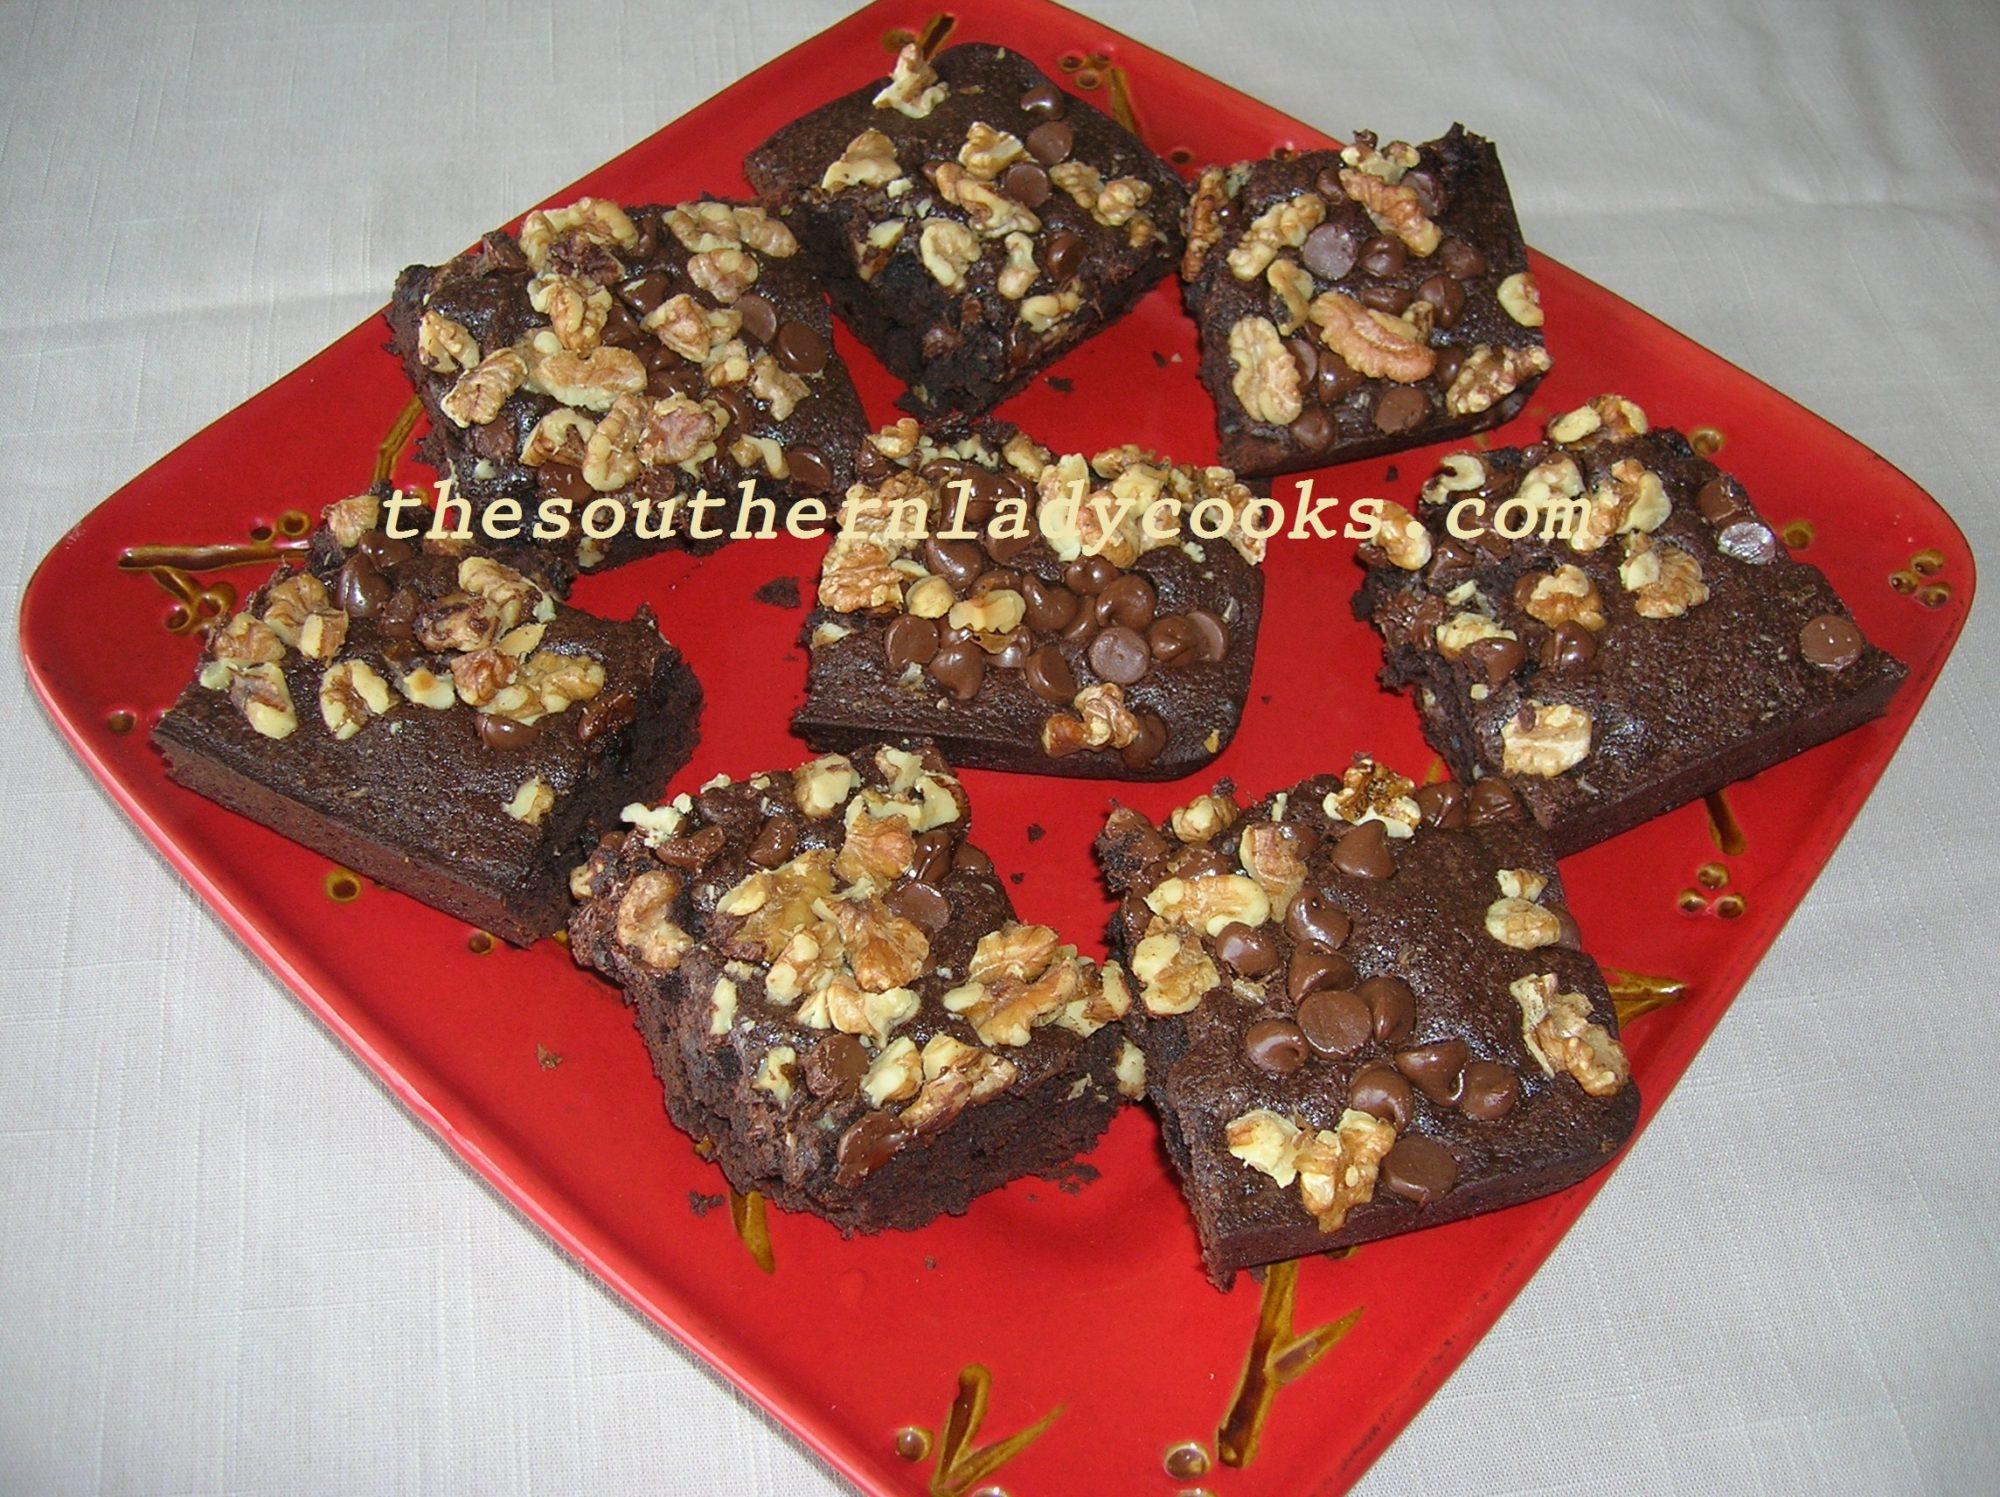 HEAVENLY CHOCOLATE BROWNIES